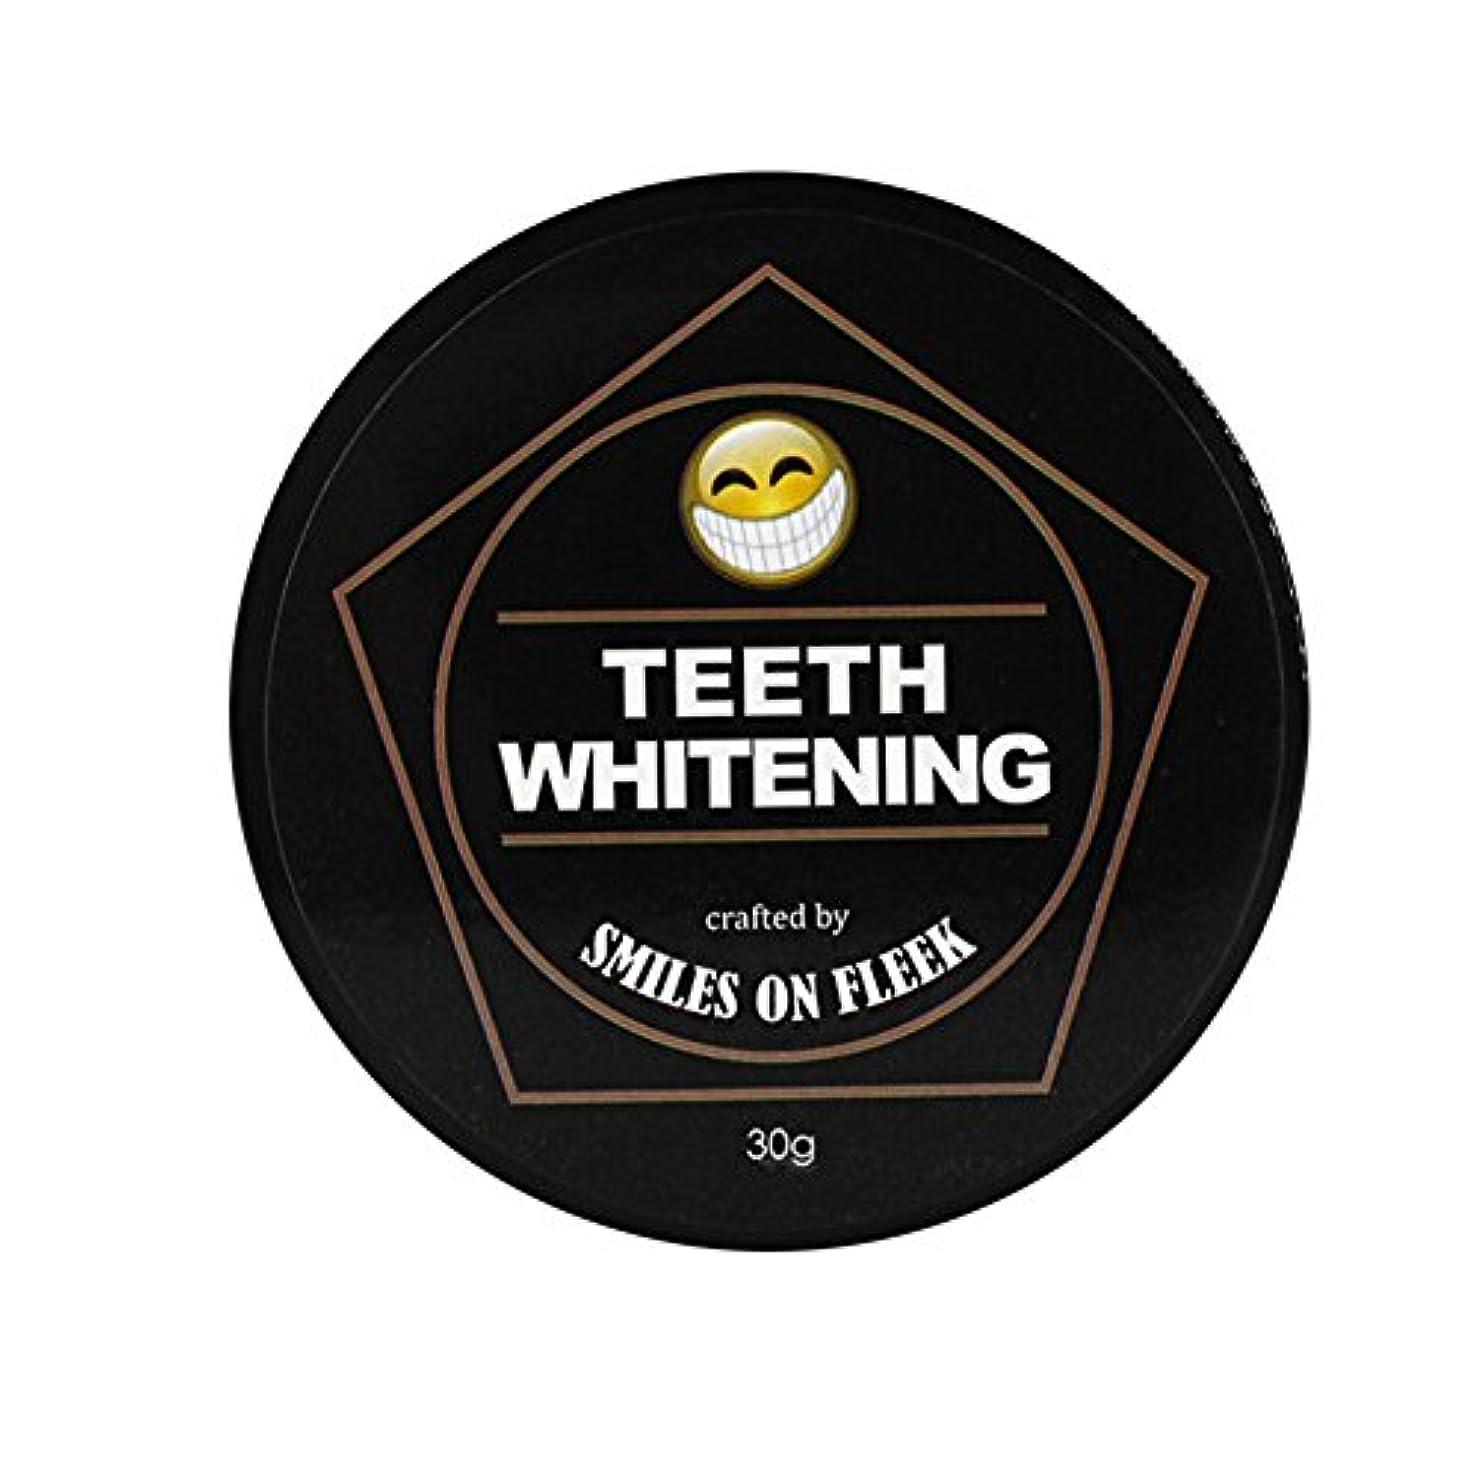 二年生シルクはっきりしないTerGOOSE チャコールホワイトニング 歯のホワイトニング チャコール型 マイクロパウダー 歯のホワイトニング 食べれる活性炭 竹炭 黄ばみ落とし 口臭 ヤニ取り 口がスッキリ 30mg